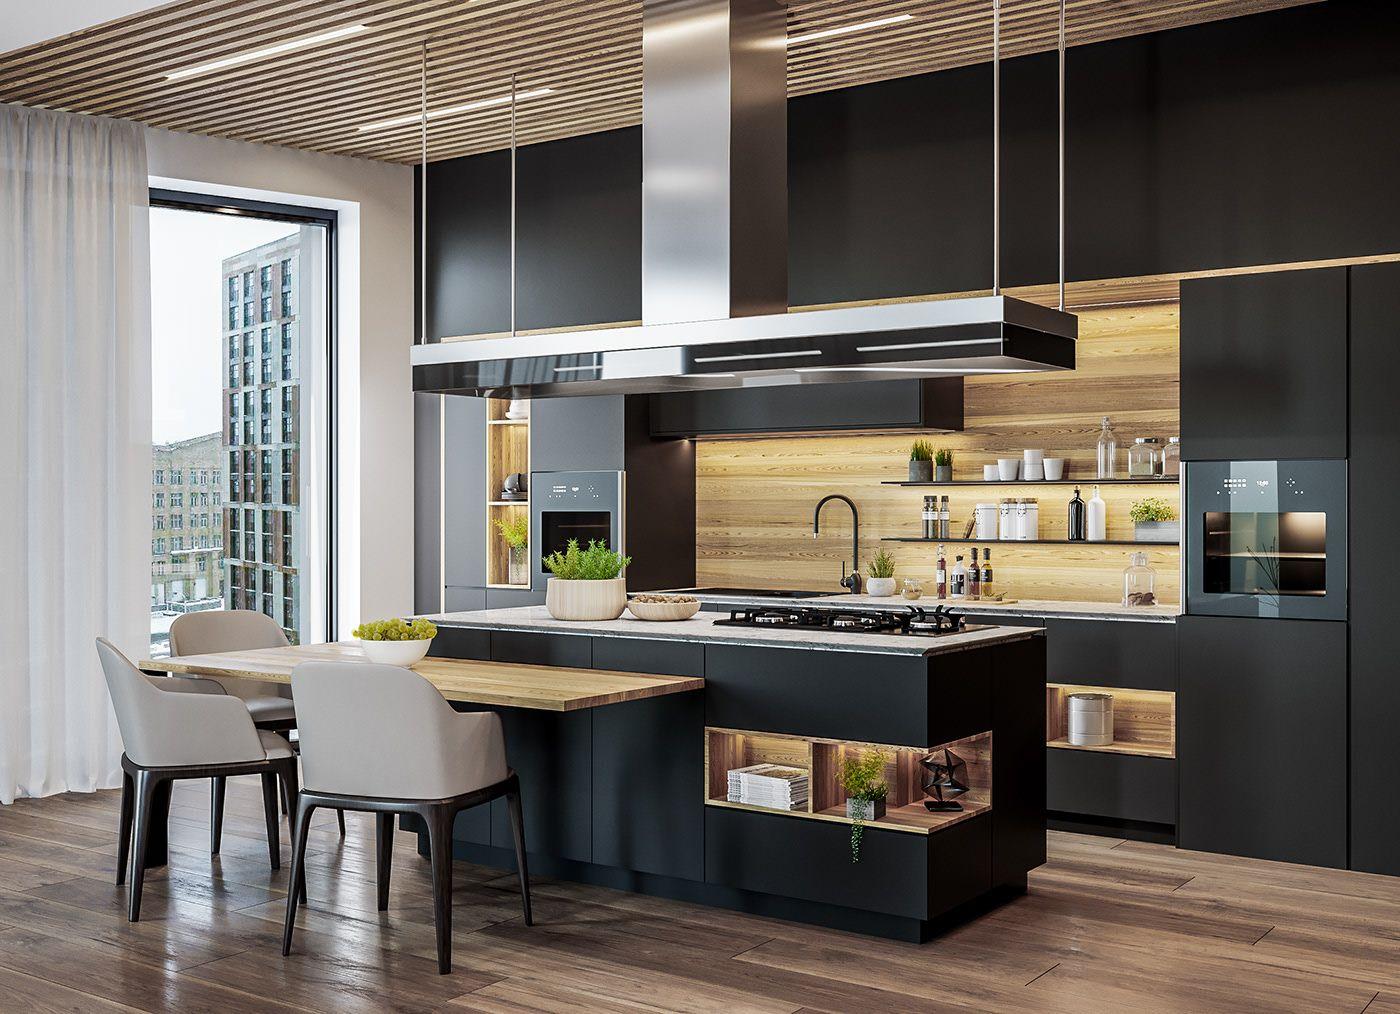 Chia sẻ kinh nghiệm trang trí nội thất bếp của Tubepdep.studio